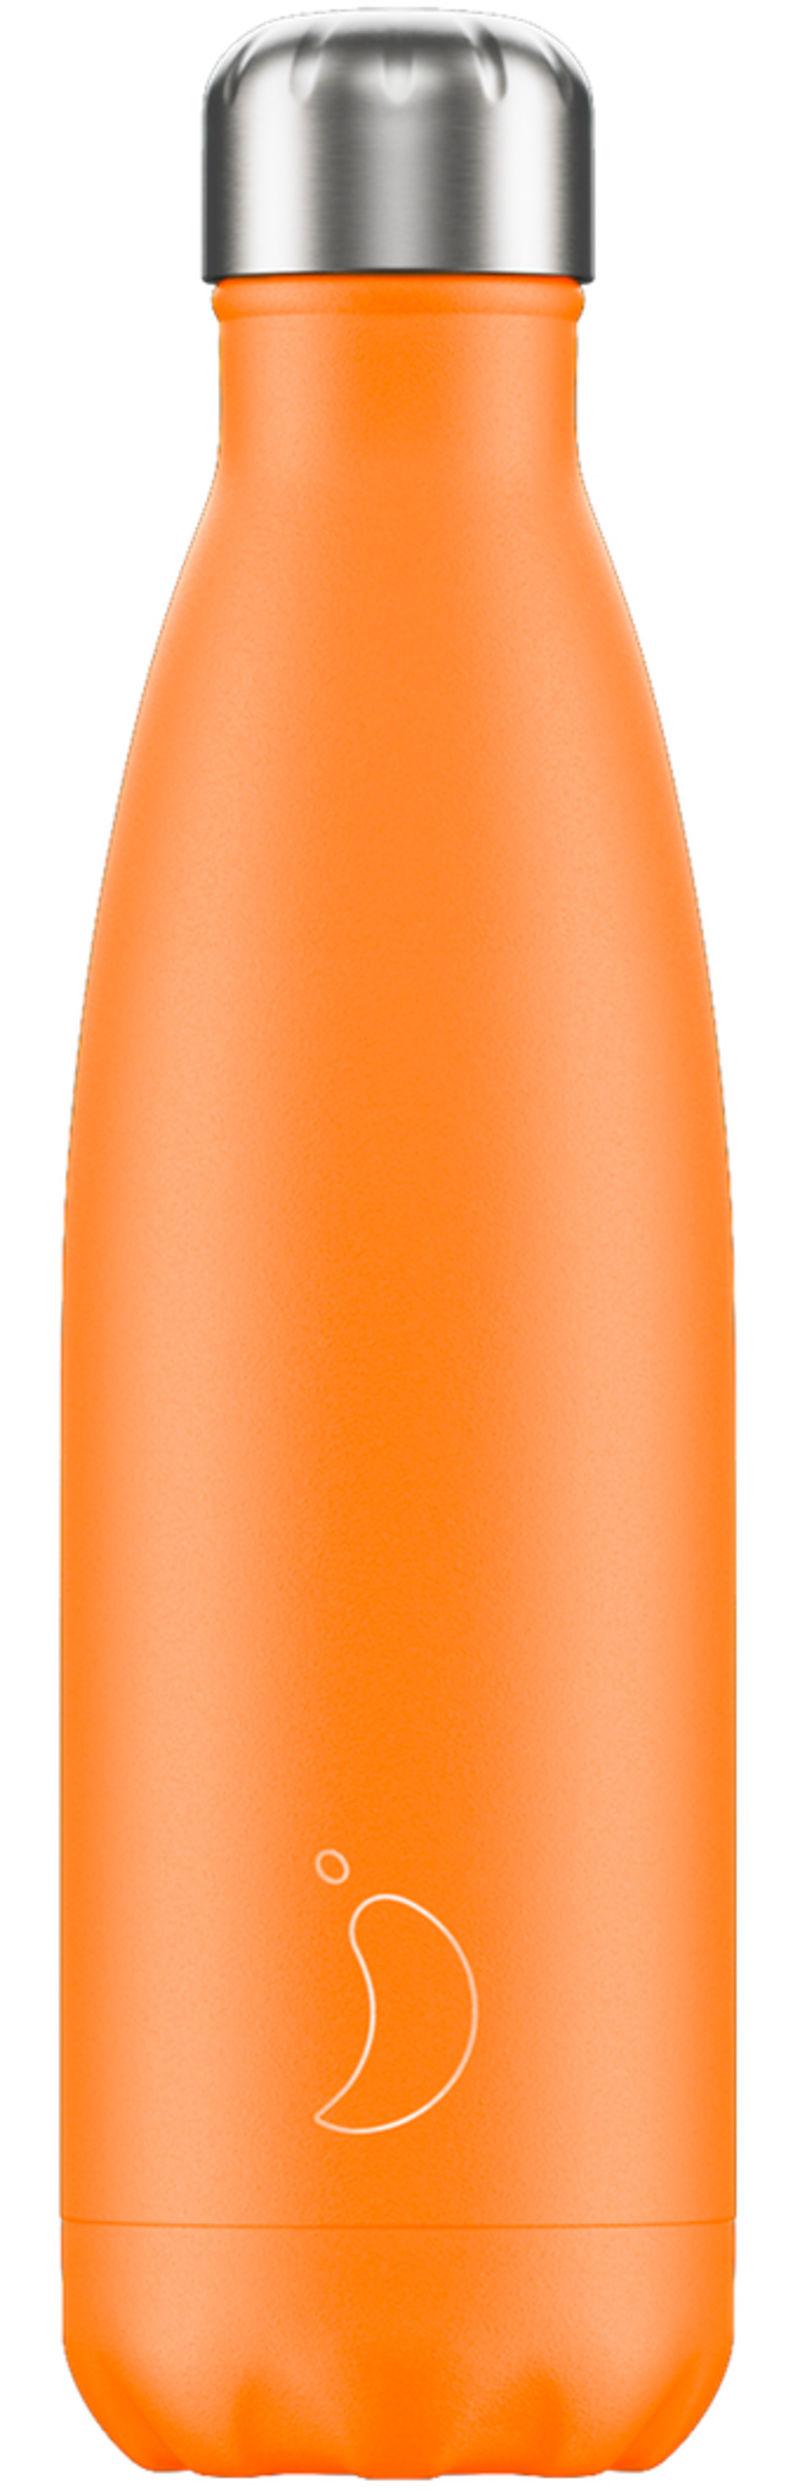 Botella Inox Naranja Neon 500ml -